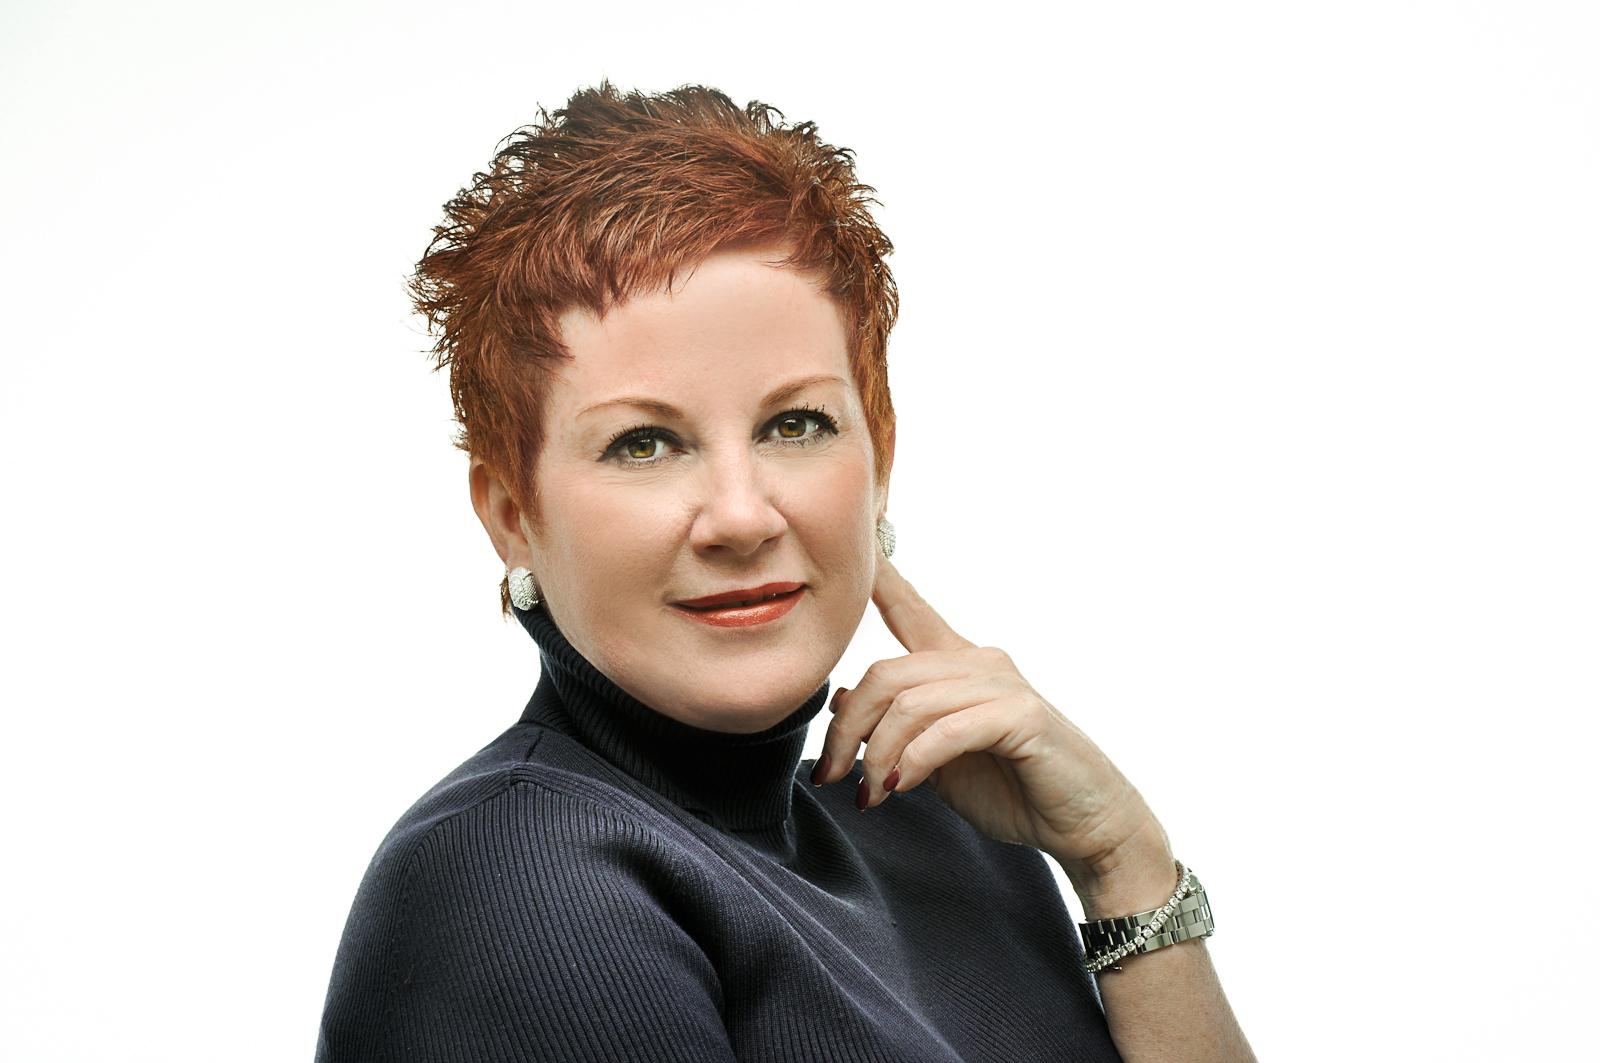 Lisa Manzione